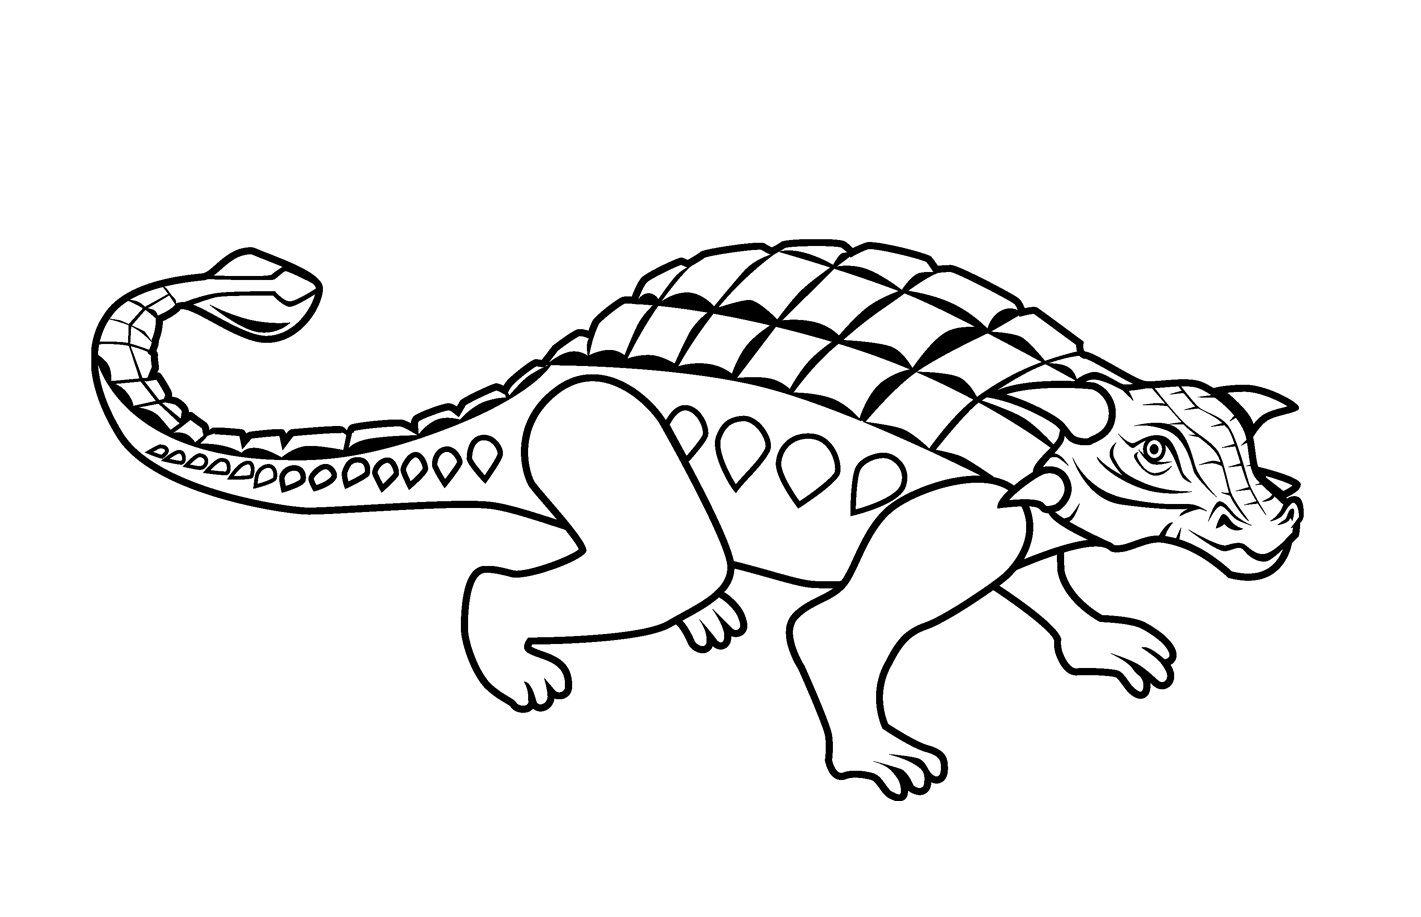 Ausmalbilder Dinosaurier Ankylosaurus : Atemberaubend Ausmalbilder Dinosaurier Ankylosaurus Ideen